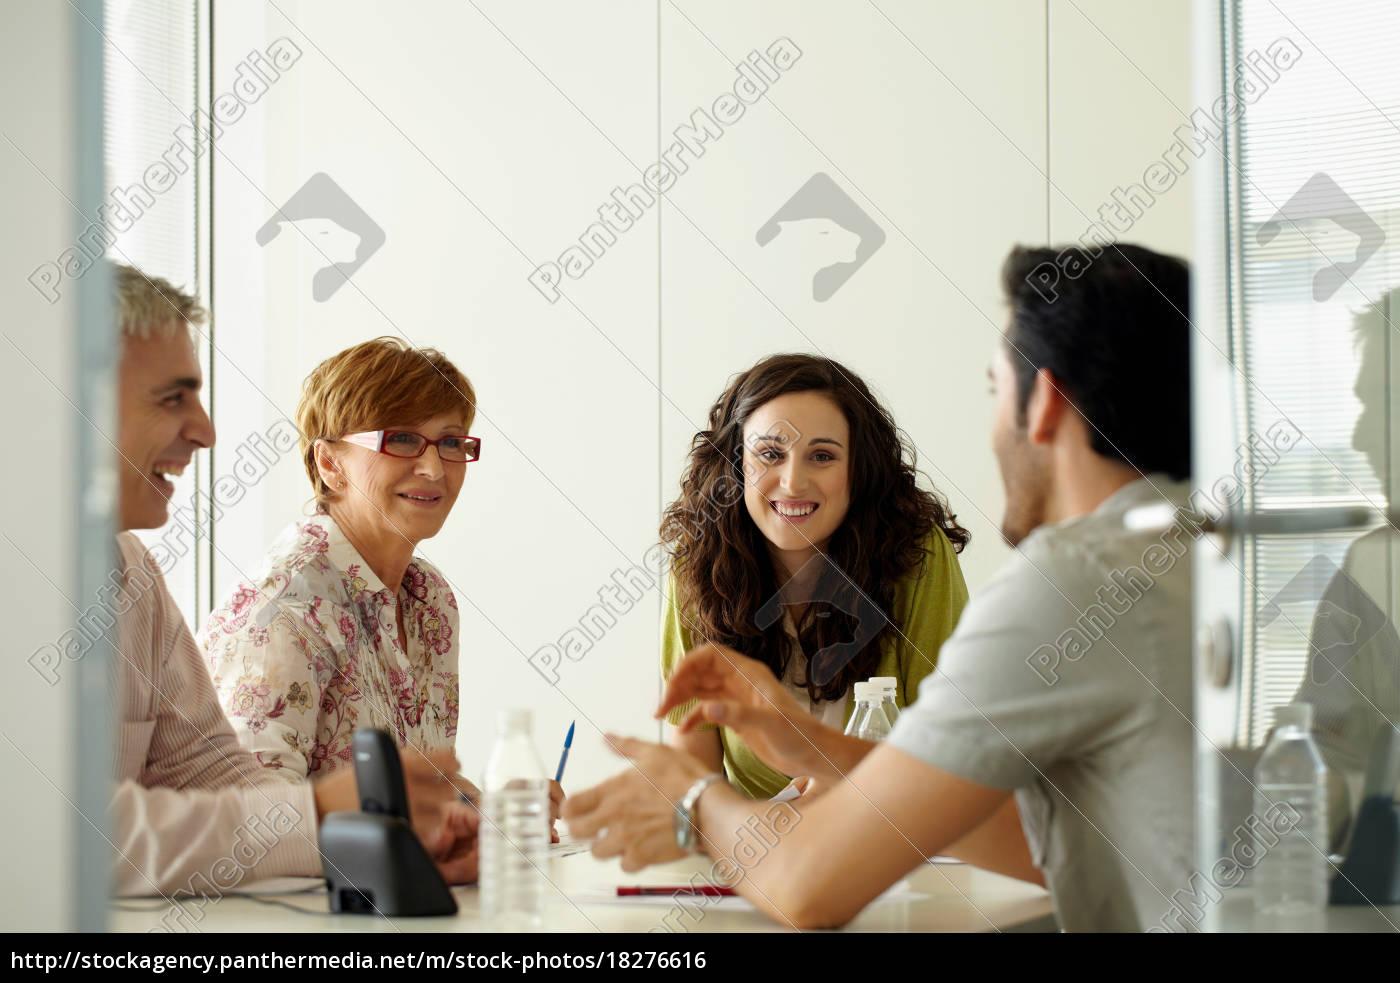 gruppe, von, personen, in, einem, positiven - 18276616